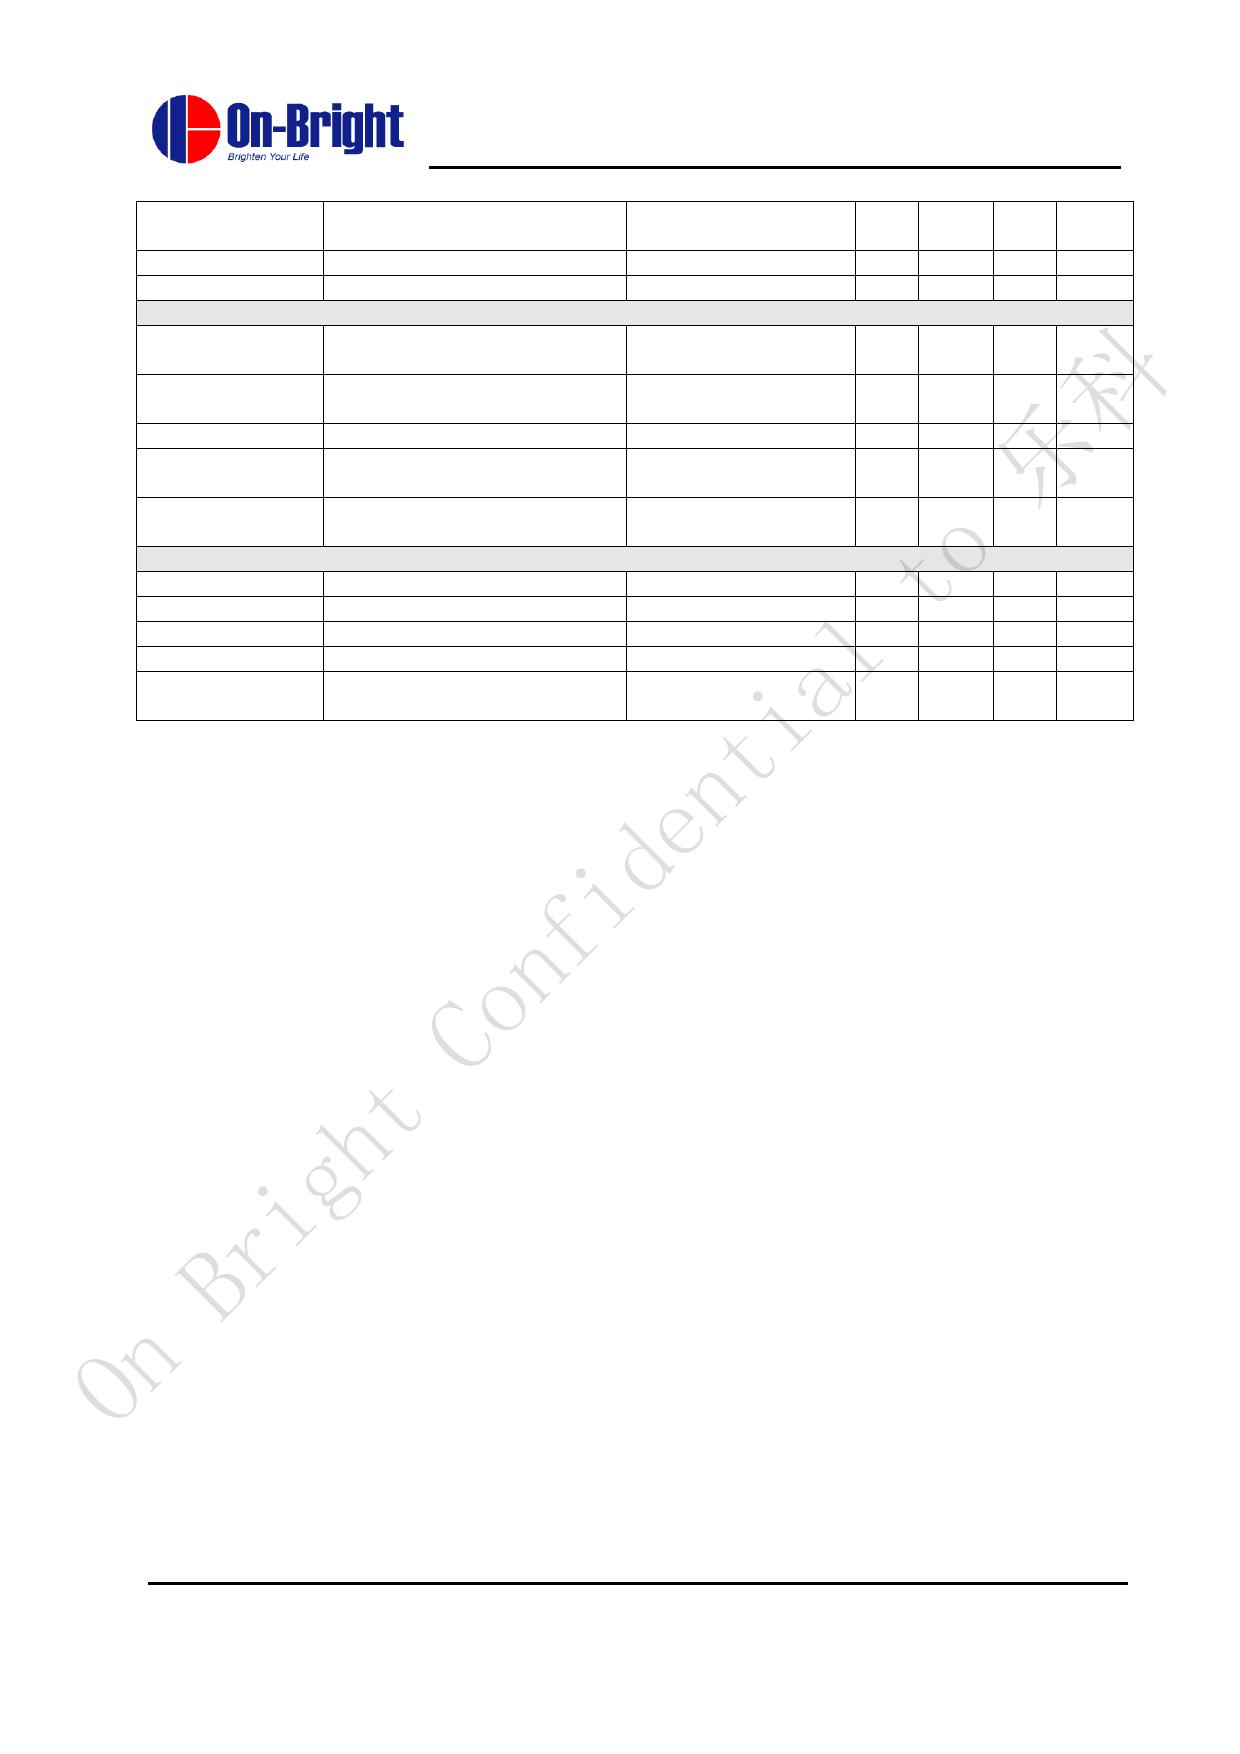 OB2273 電子部品, 半導体